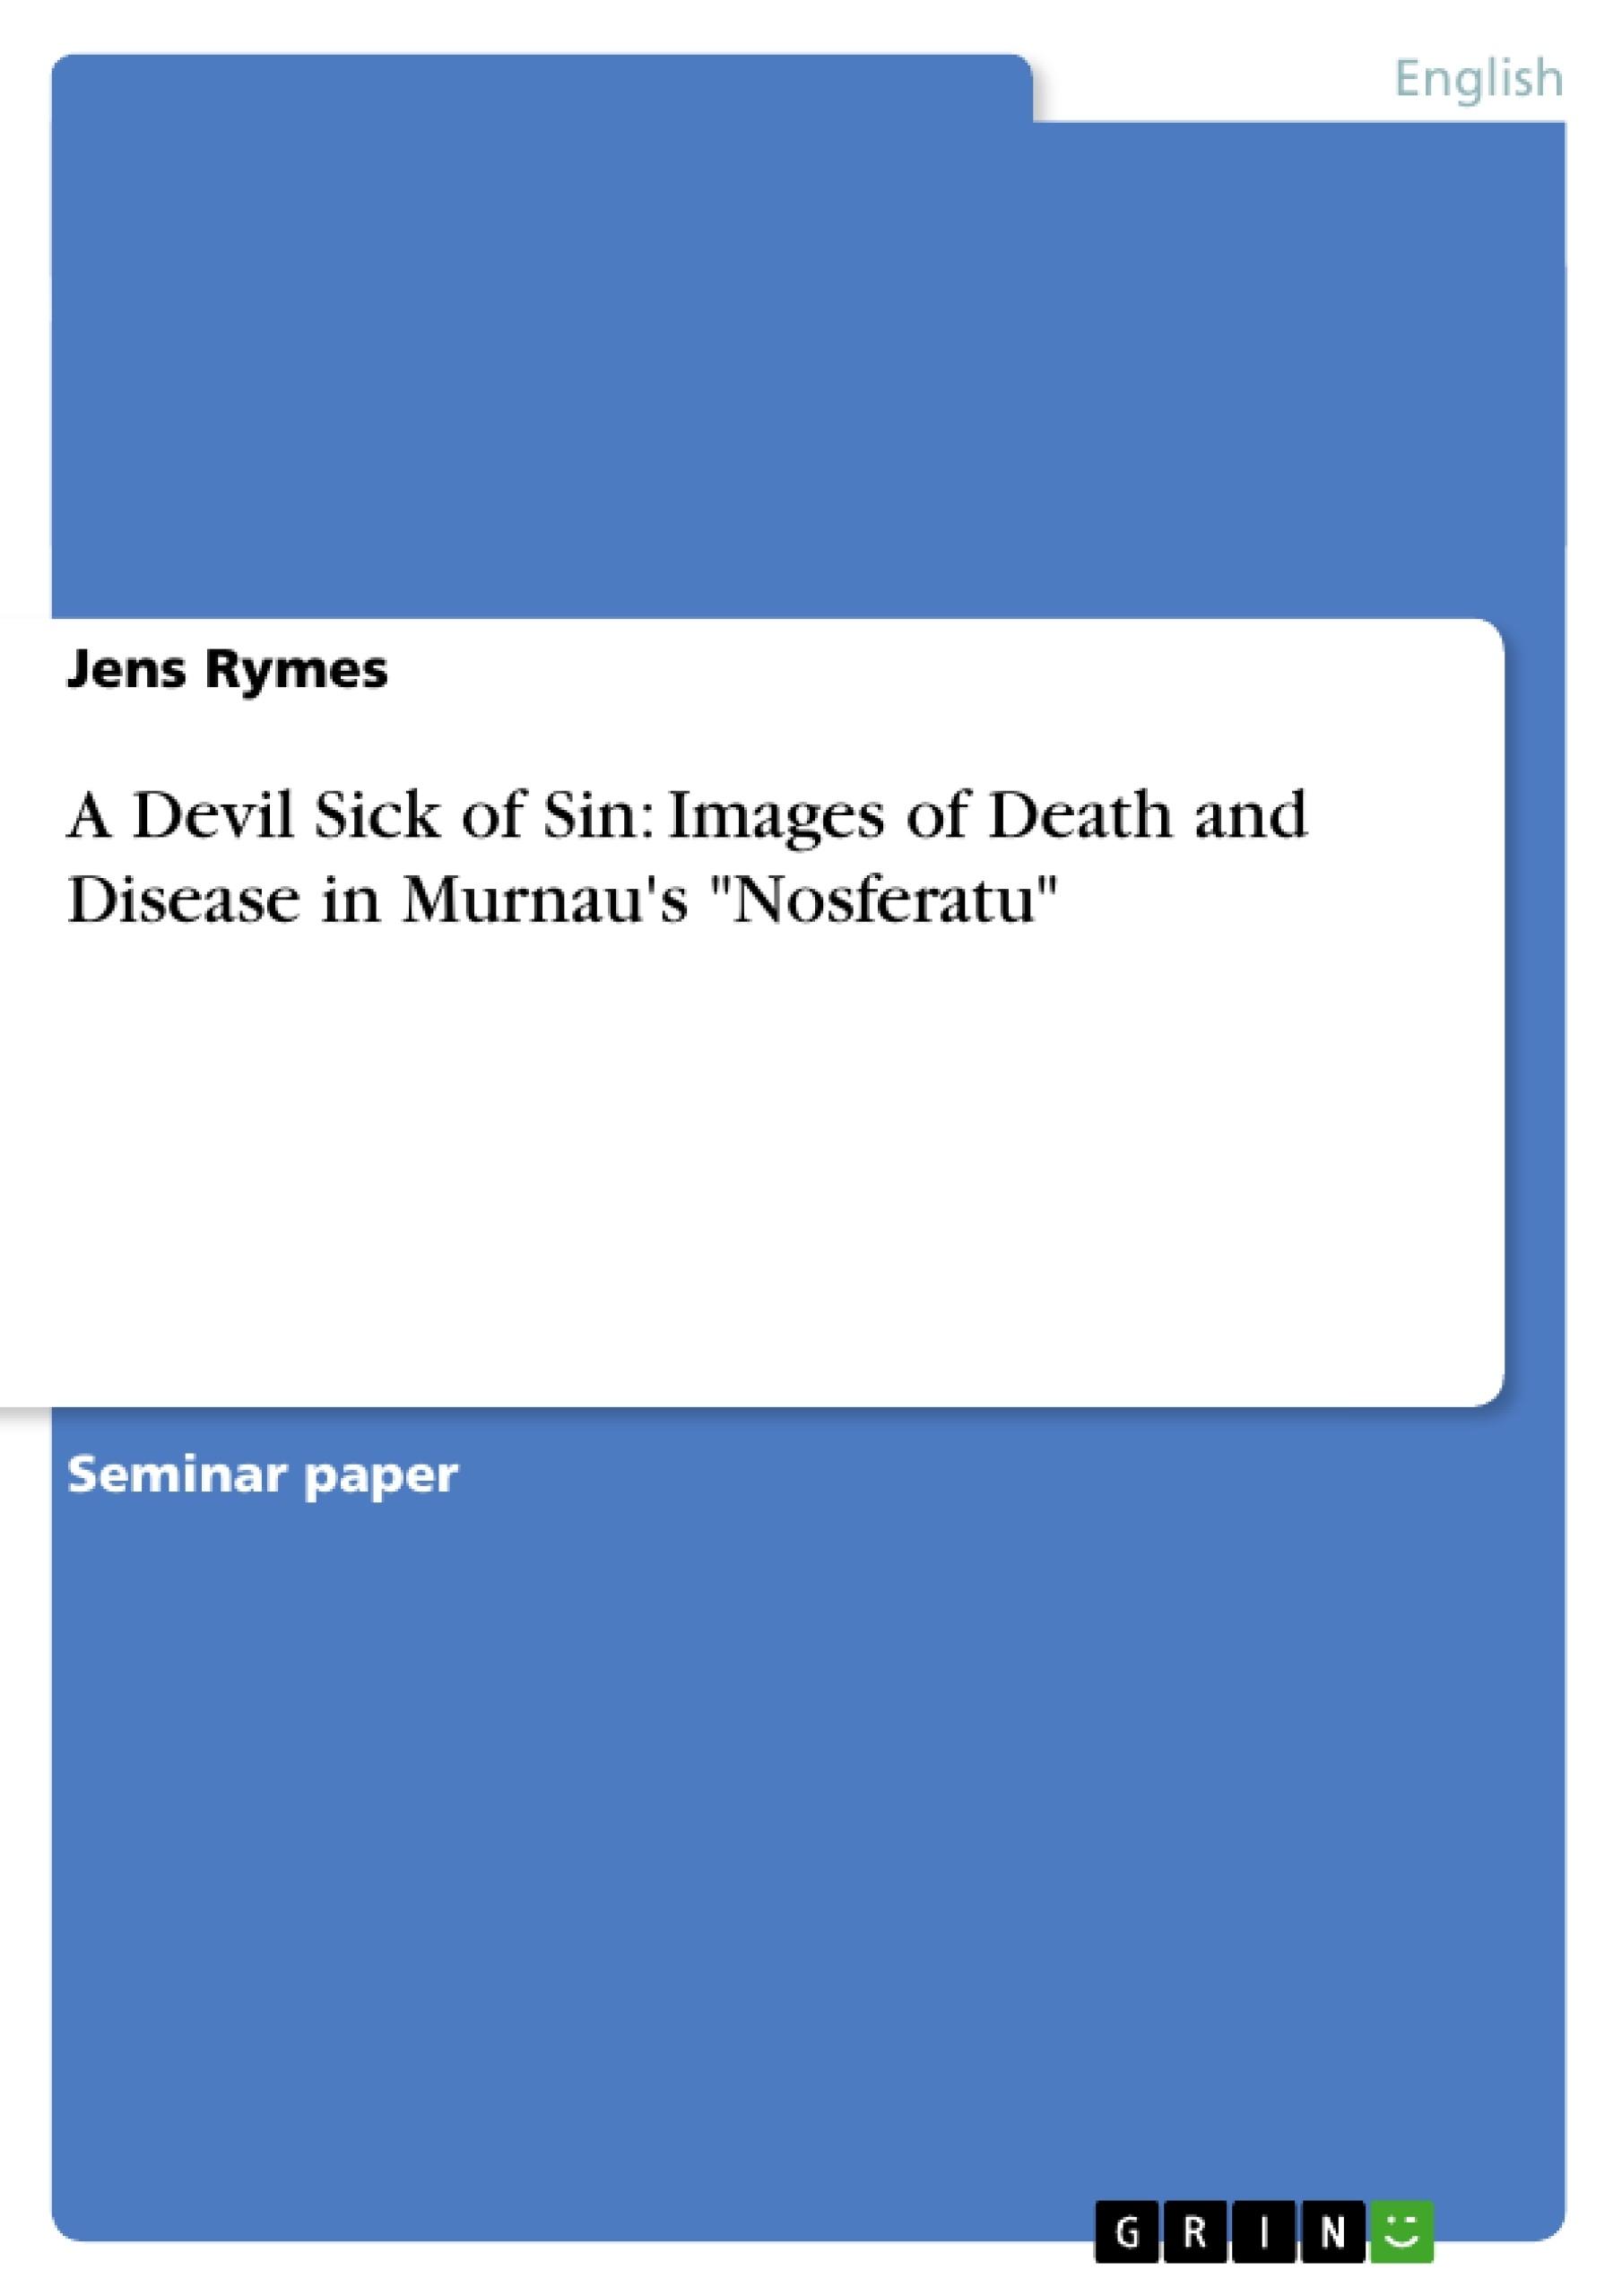 """Title: A Devil Sick of Sin: Images of Death and Disease in Murnau's """"Nosferatu"""""""